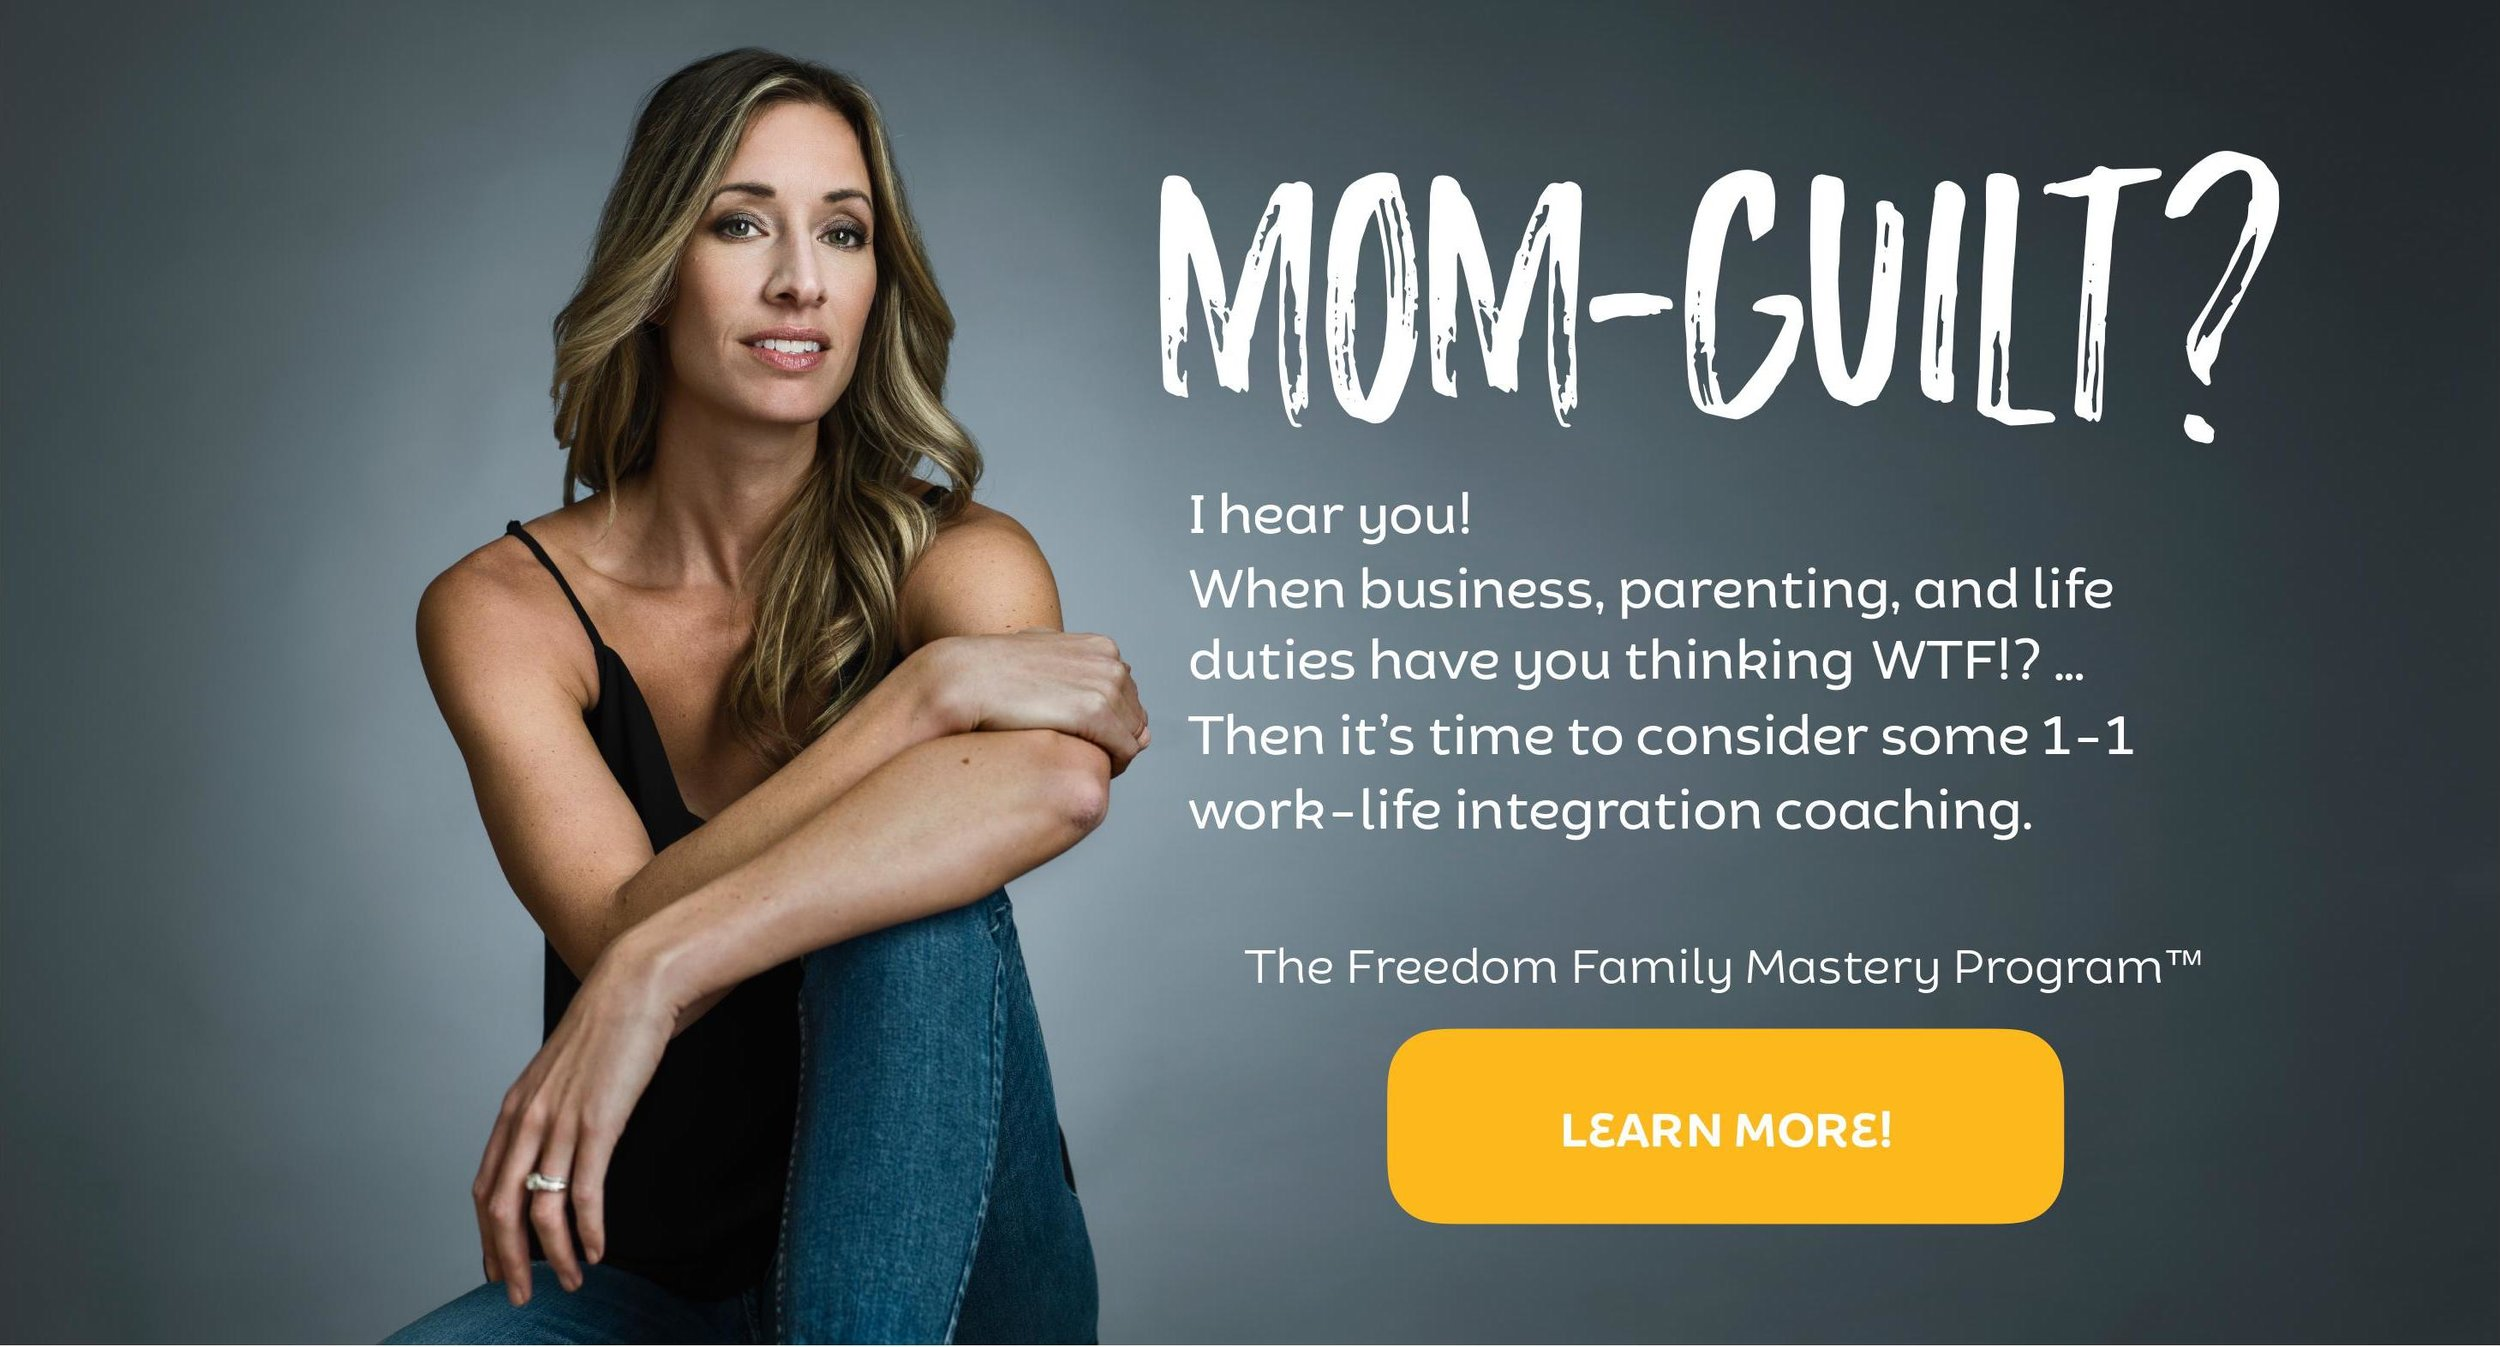 Mom guilt, mom-guilt, overcoming mom-guilt